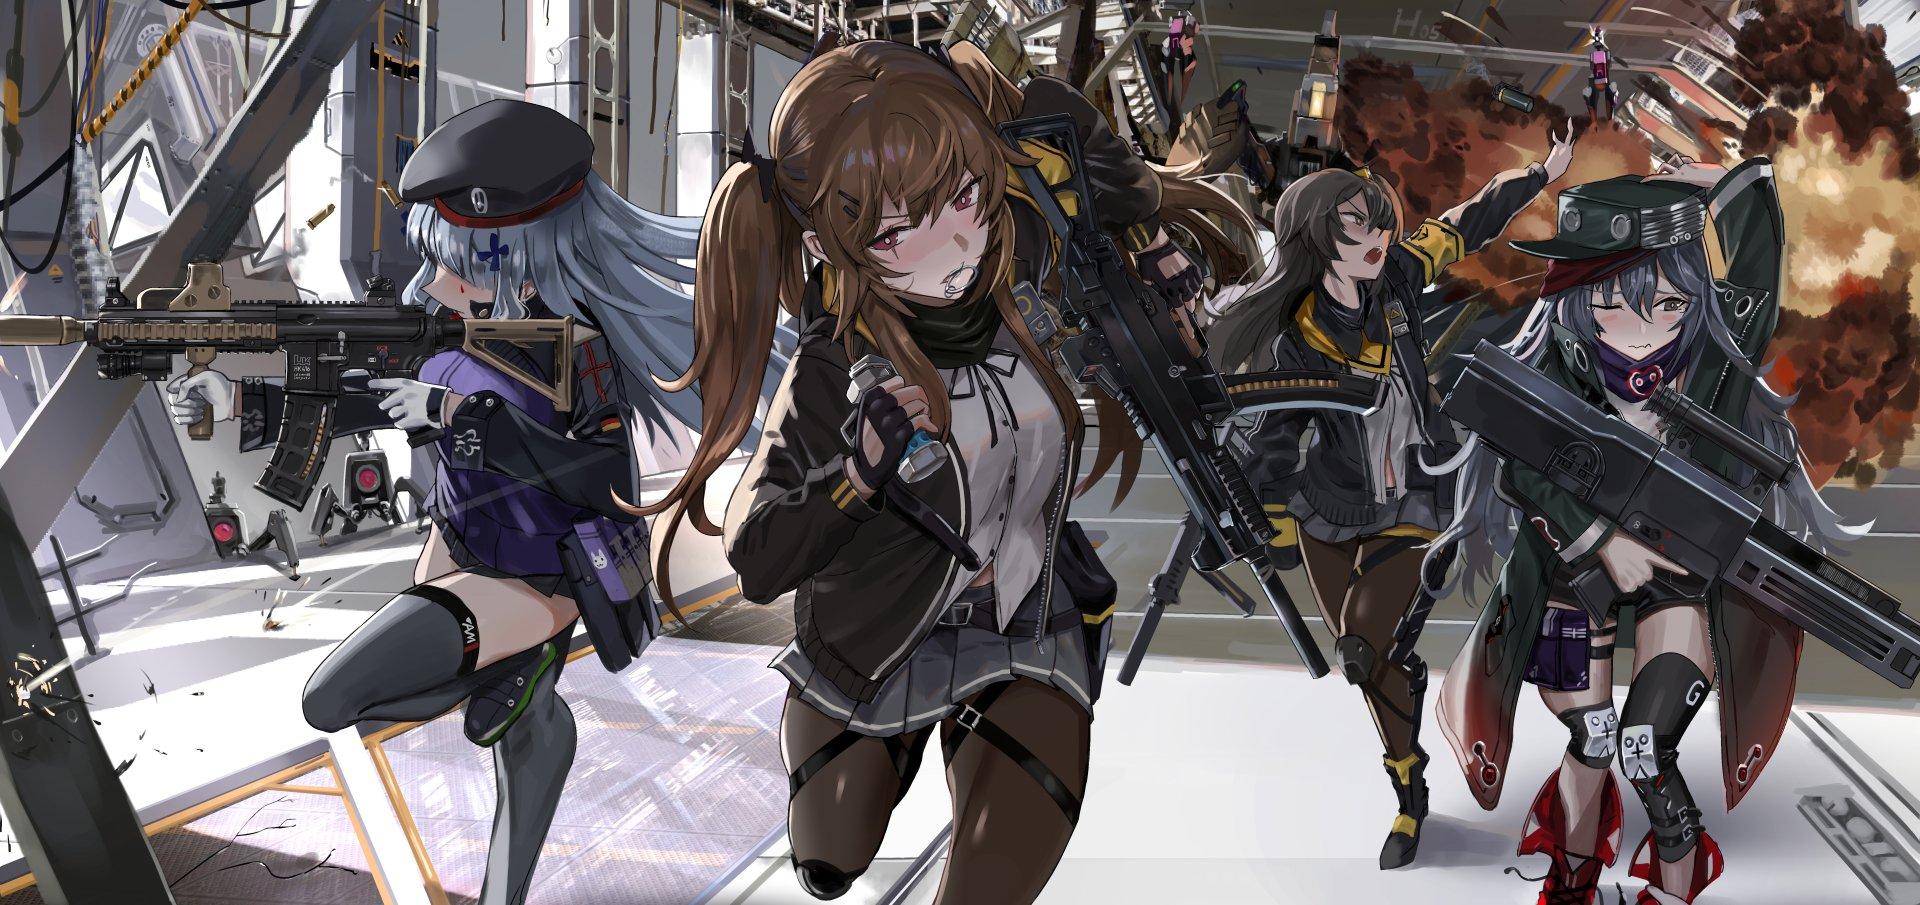 少女-动漫著作权案例表情包侵权前线G11(GirlsFrontline)UMP9(G图片